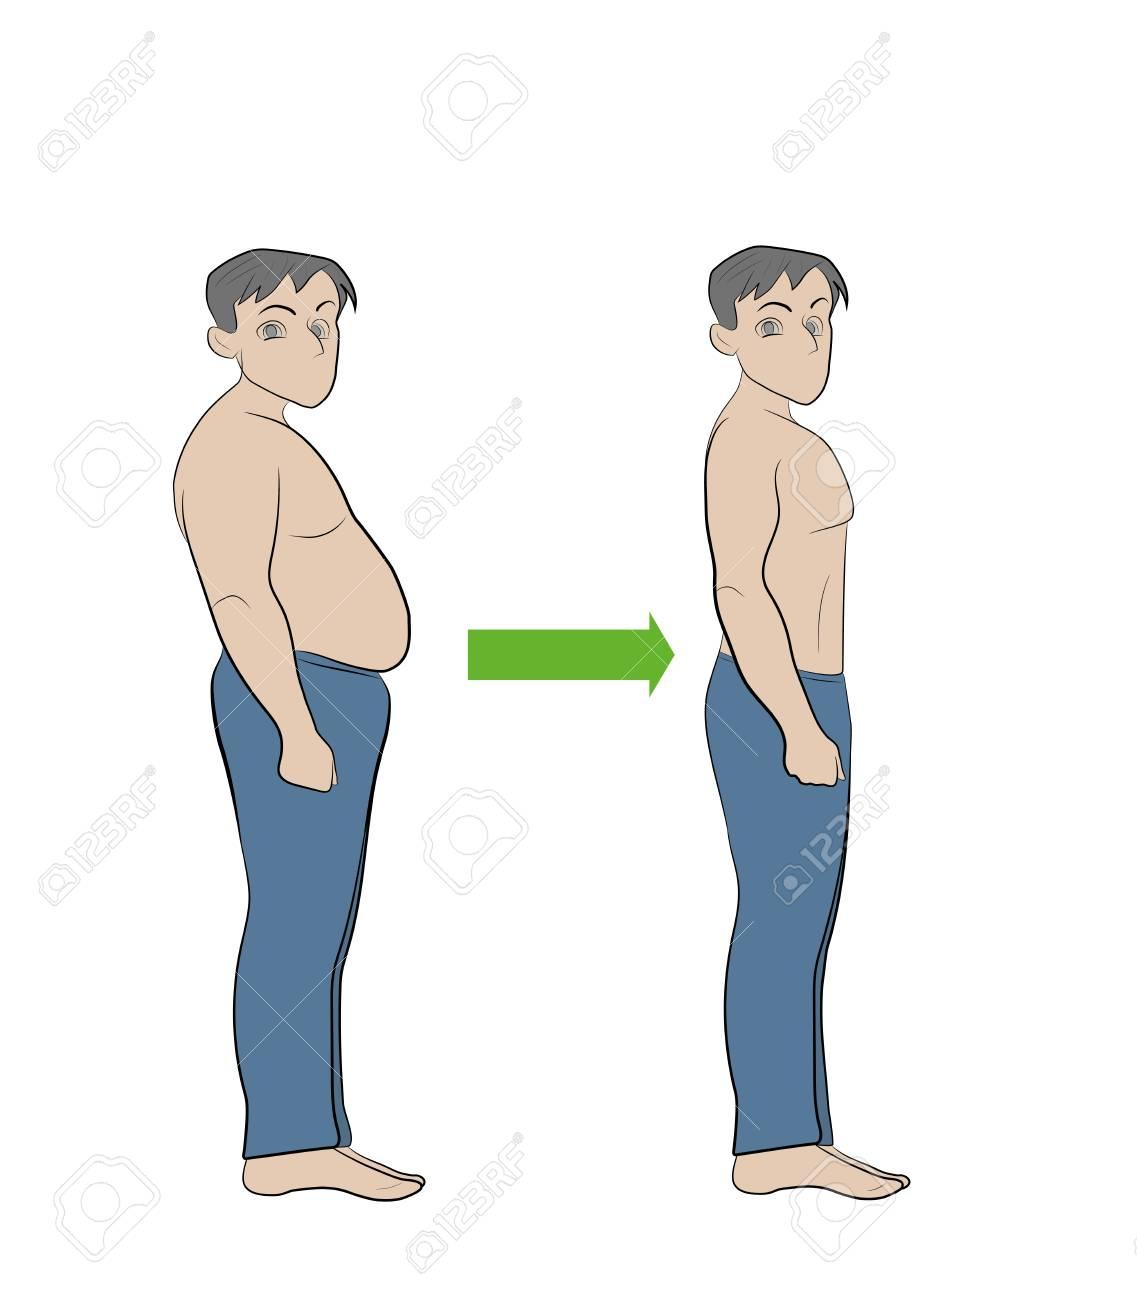 食事と運動の前後に男性の体のイラスト重量の損失とフィットネスの概念